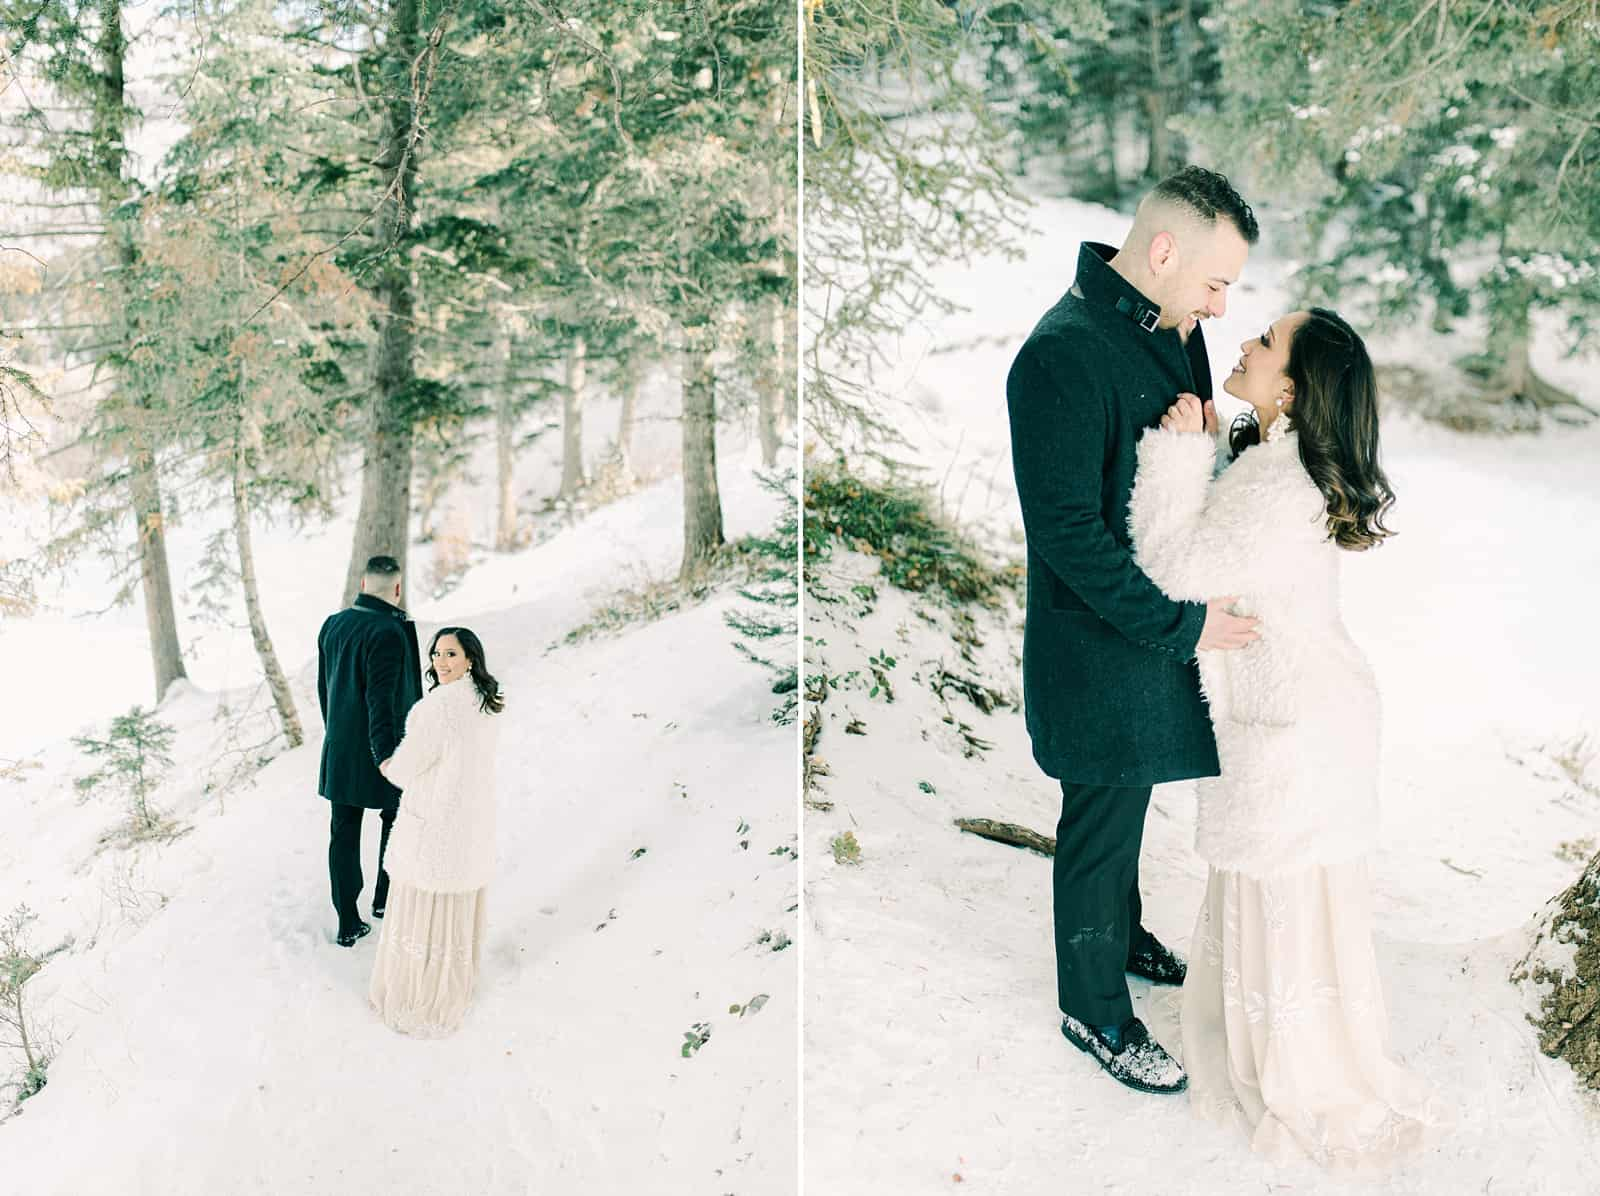 Utah winter wedding, bride and groom snowy pine trees